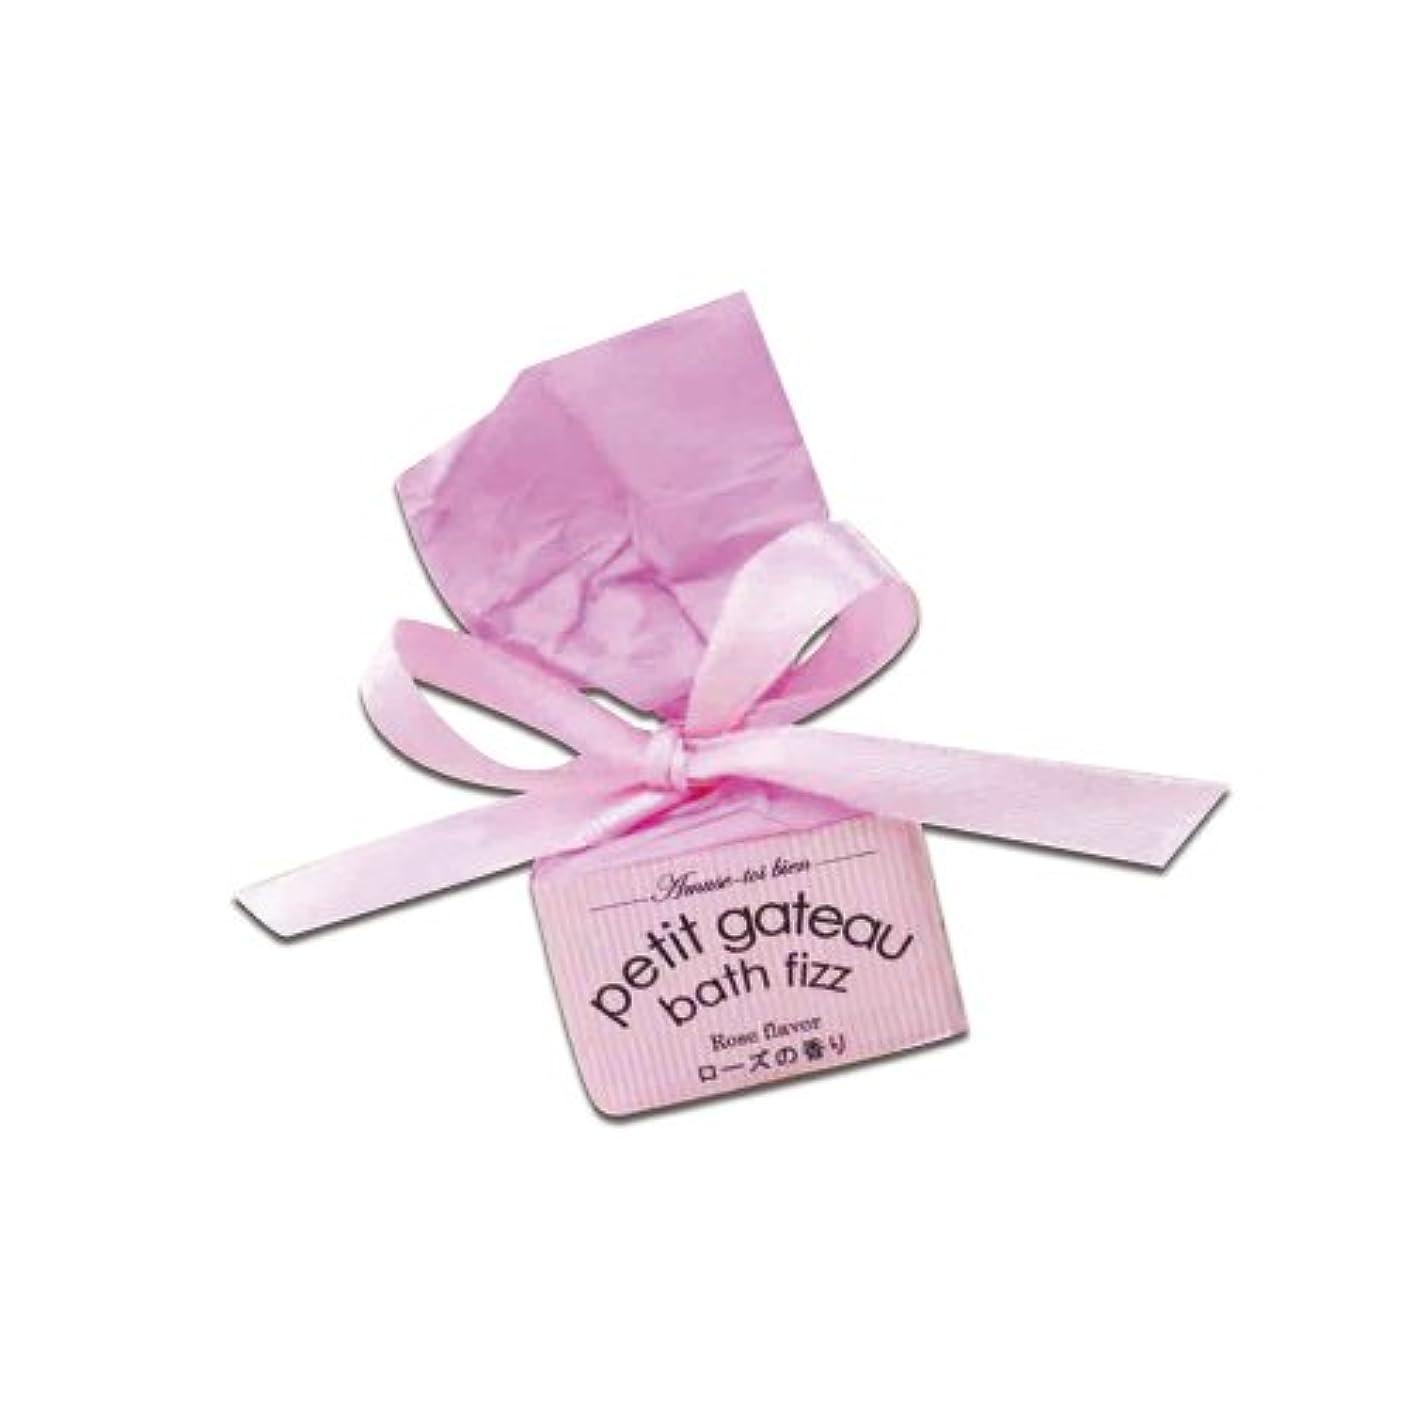 ピービッシュアラスカカウボーイプチガトーバスフィザー ローズの香り 12個セット